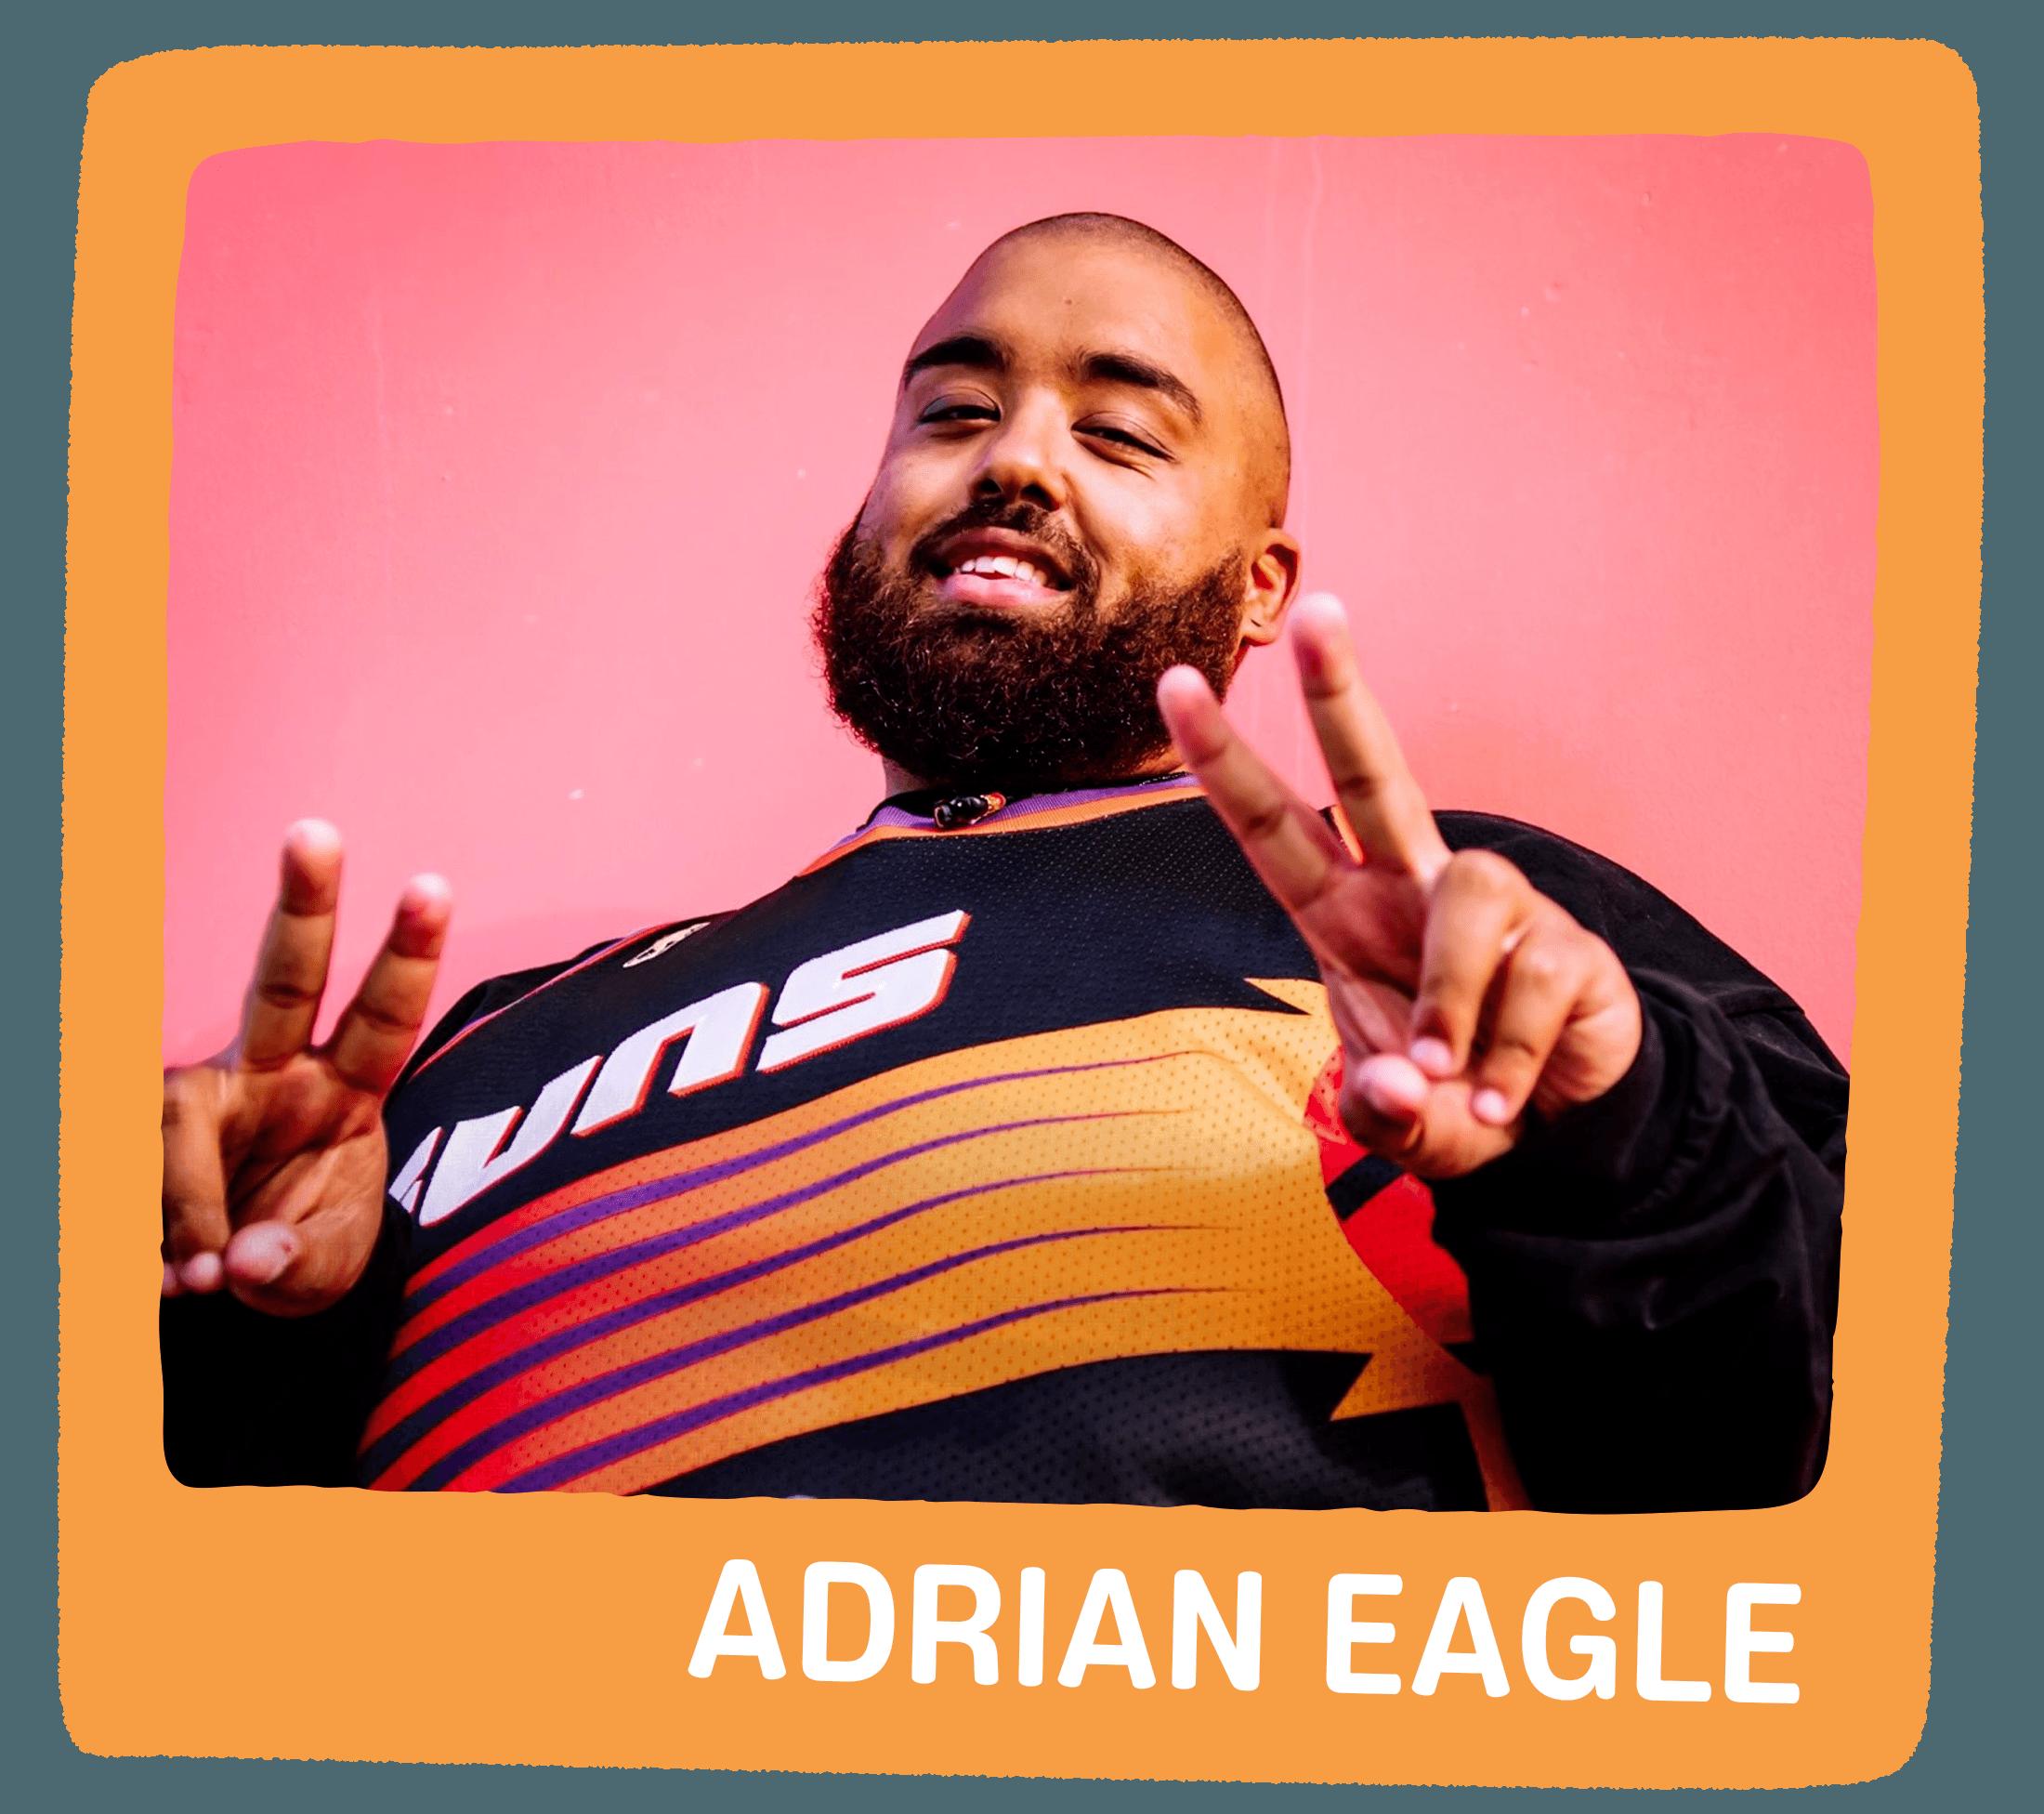 Adrian Eagle